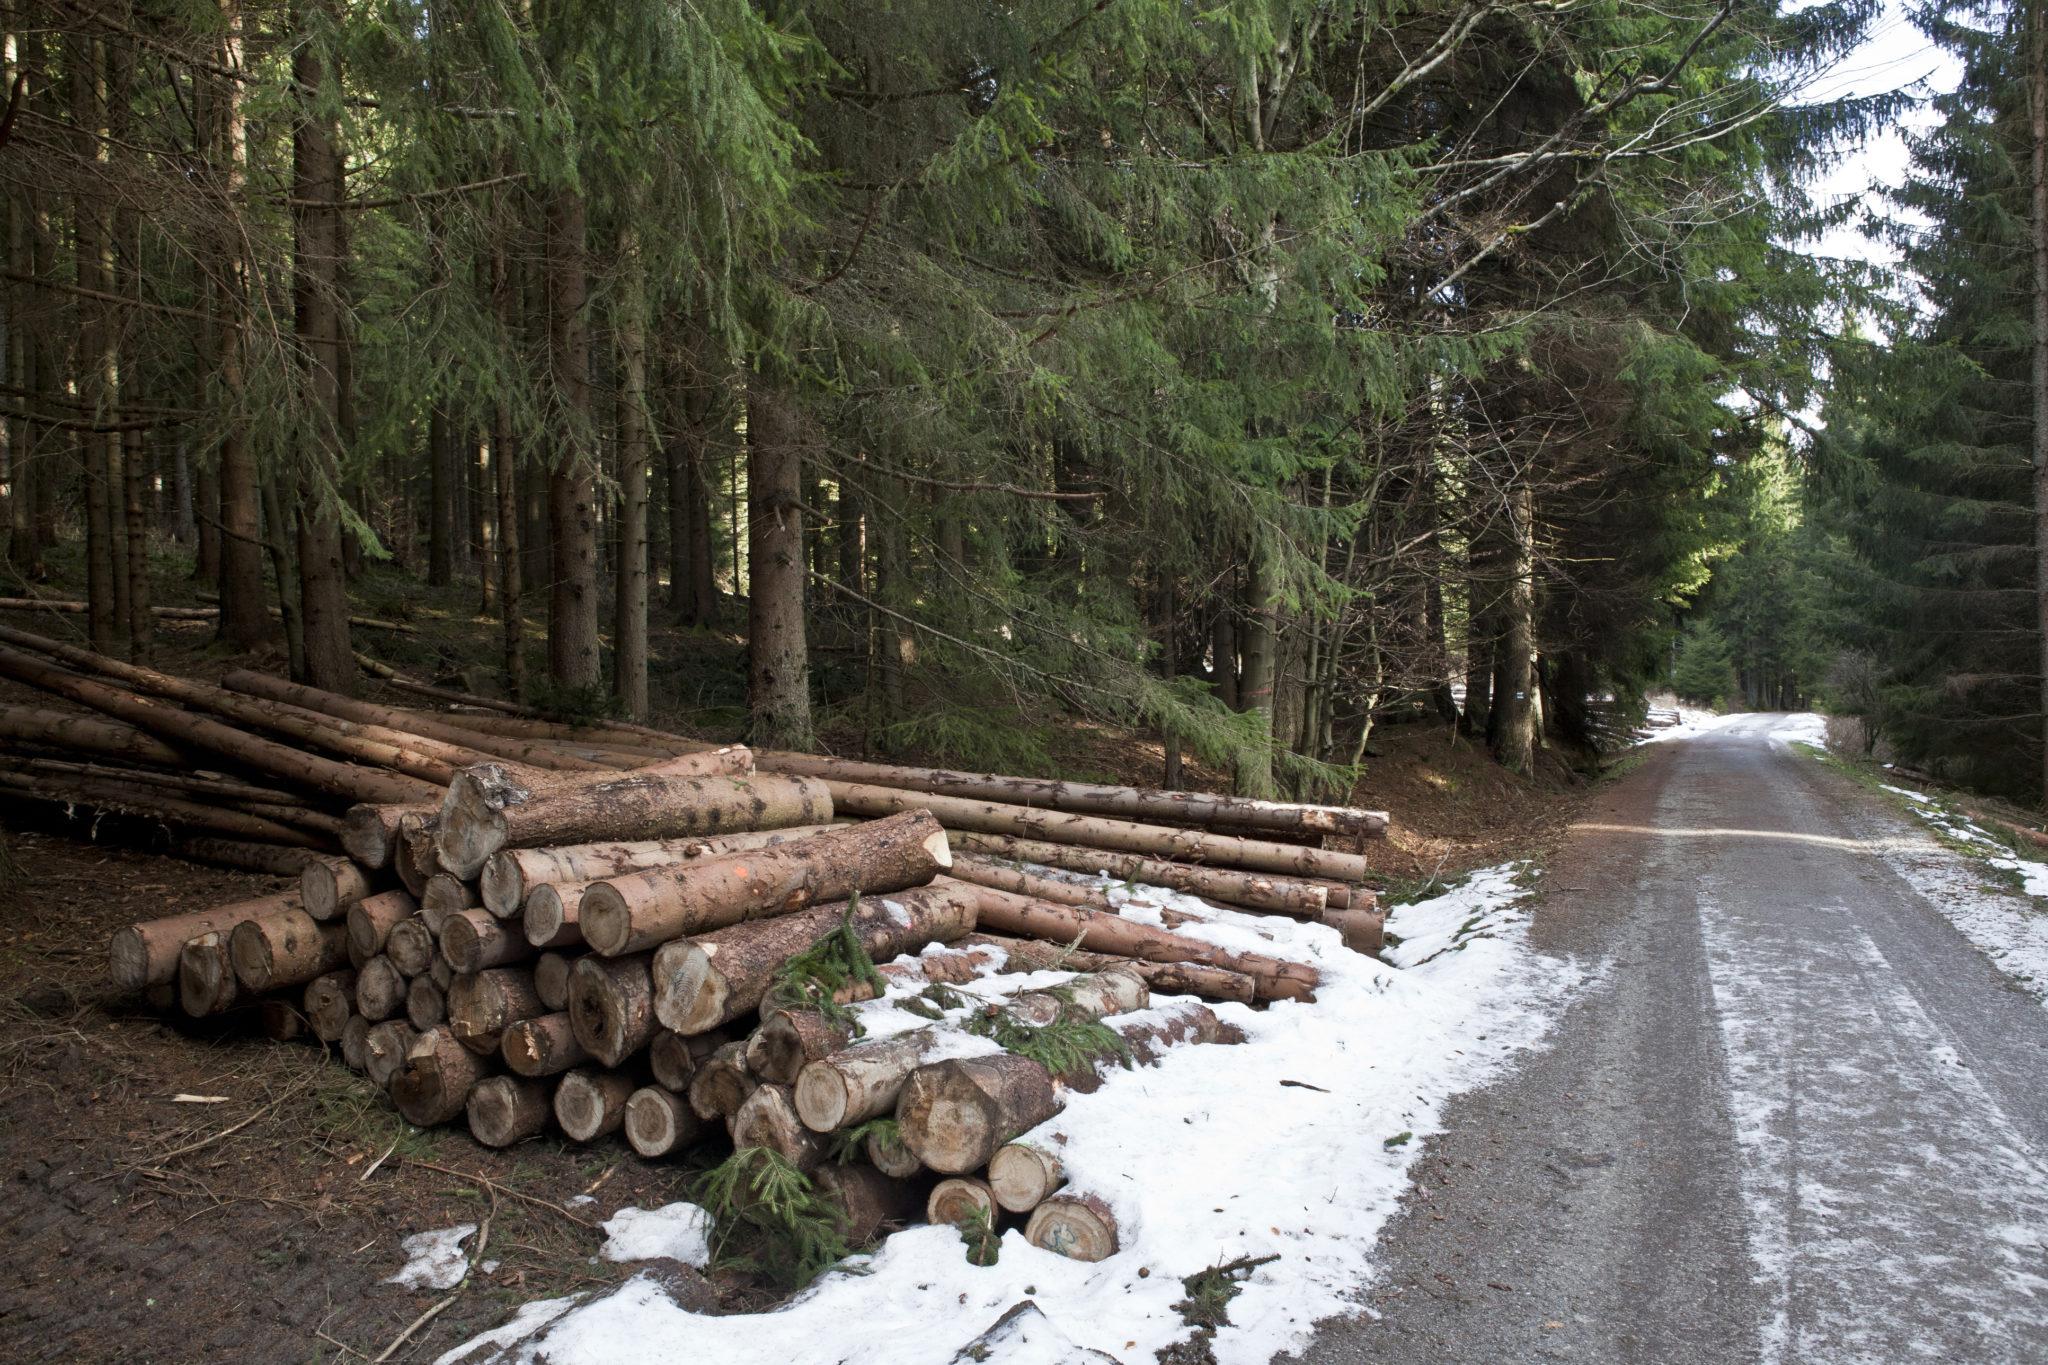 Cut down trees, lumber, in forest in winter in Czech republic